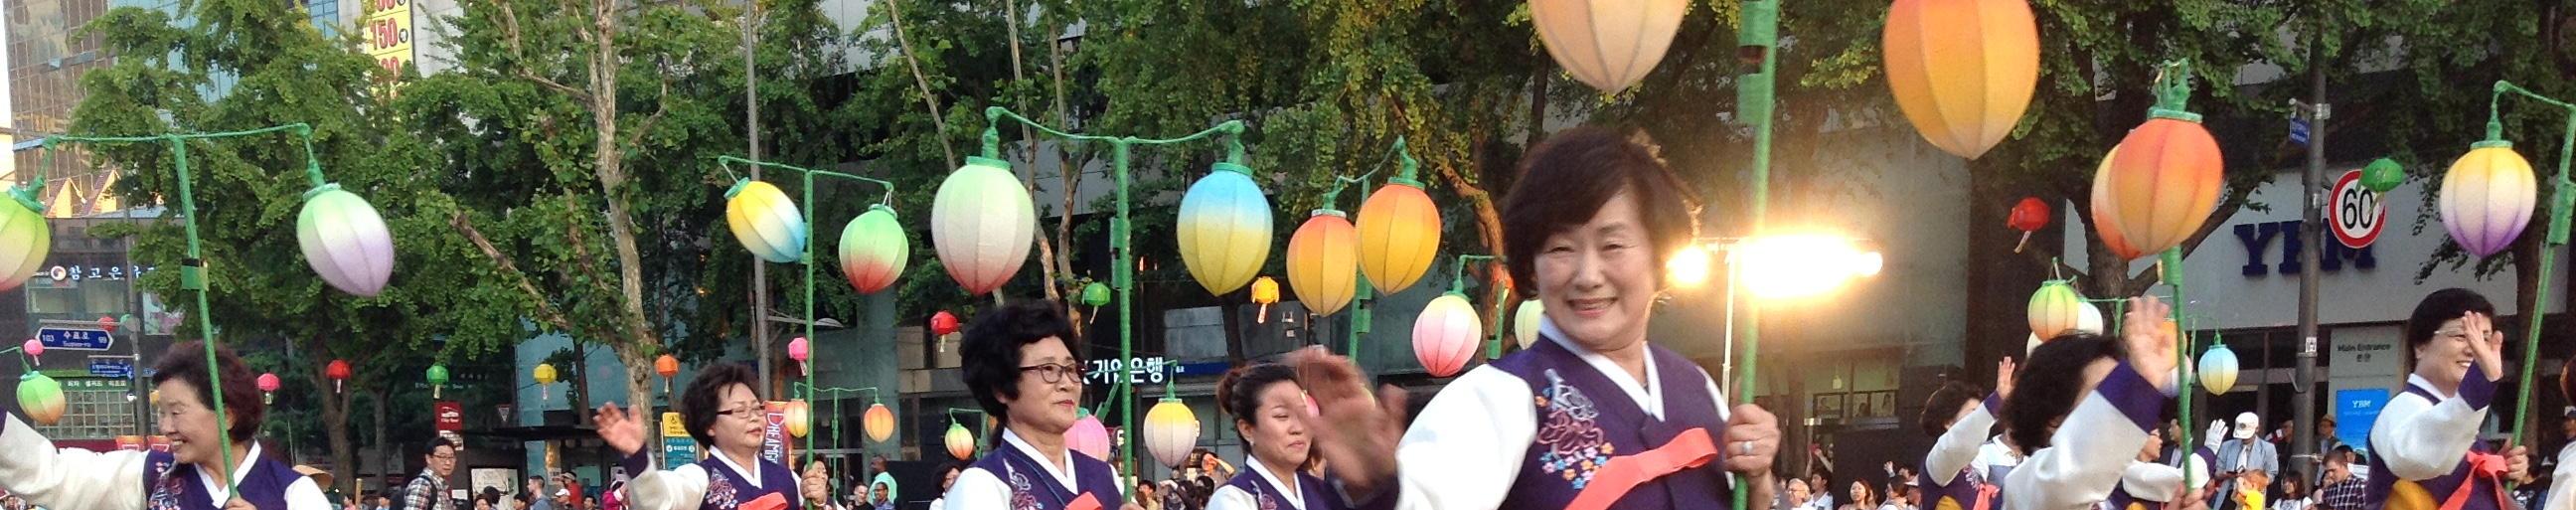 2015-05-16 Banner Lantern Parade 042